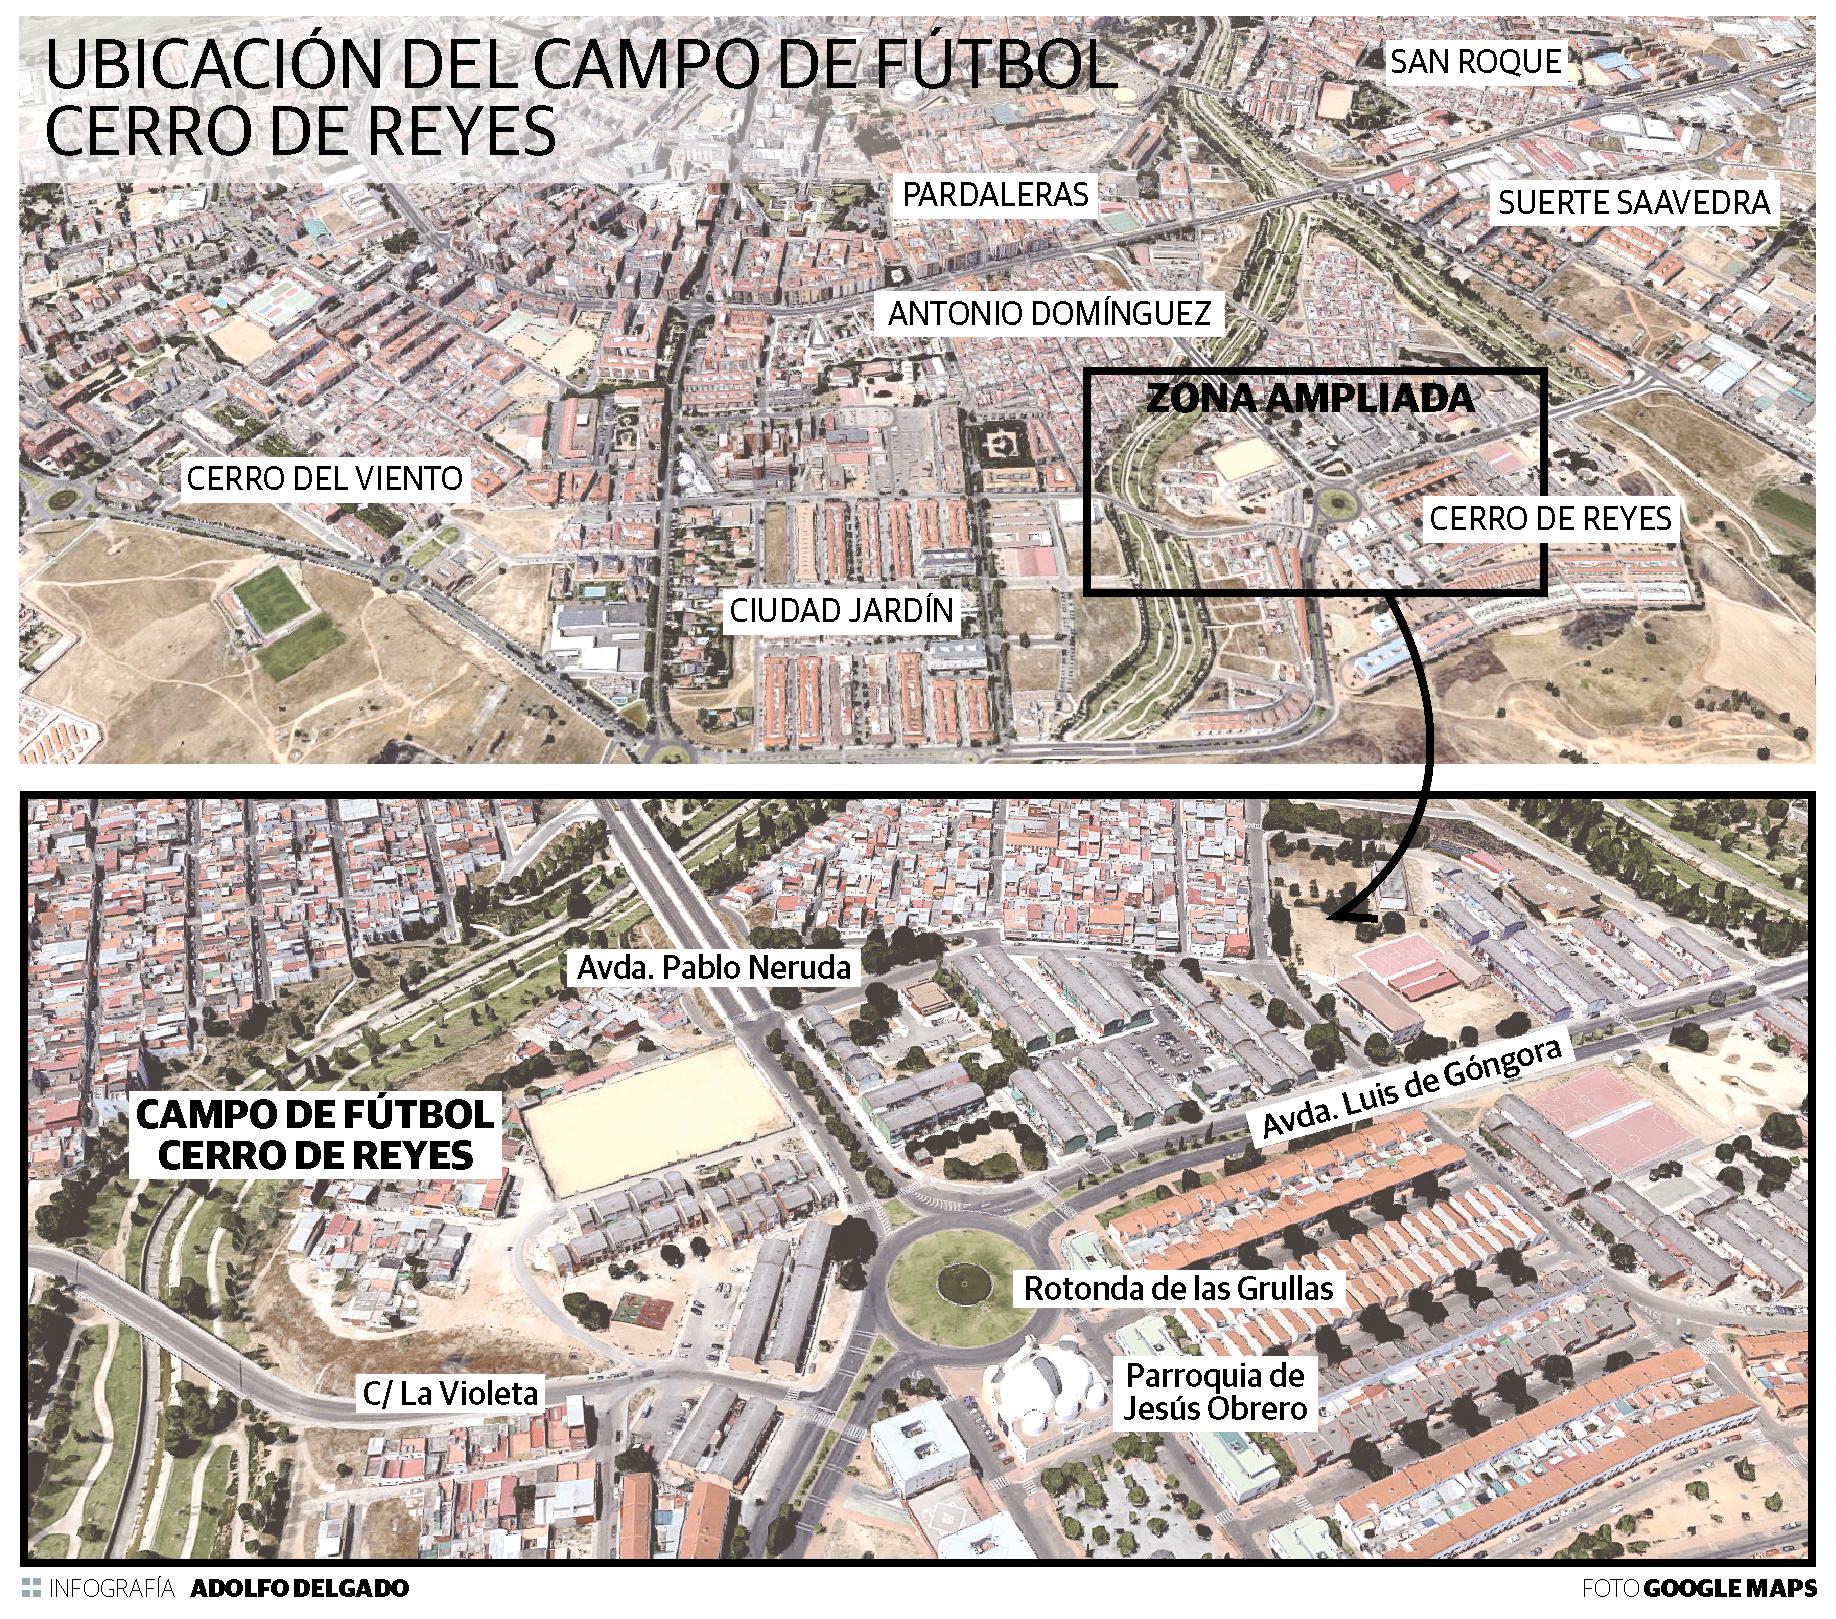 Ubicación del campo de fútbol del Cerro de Reyes